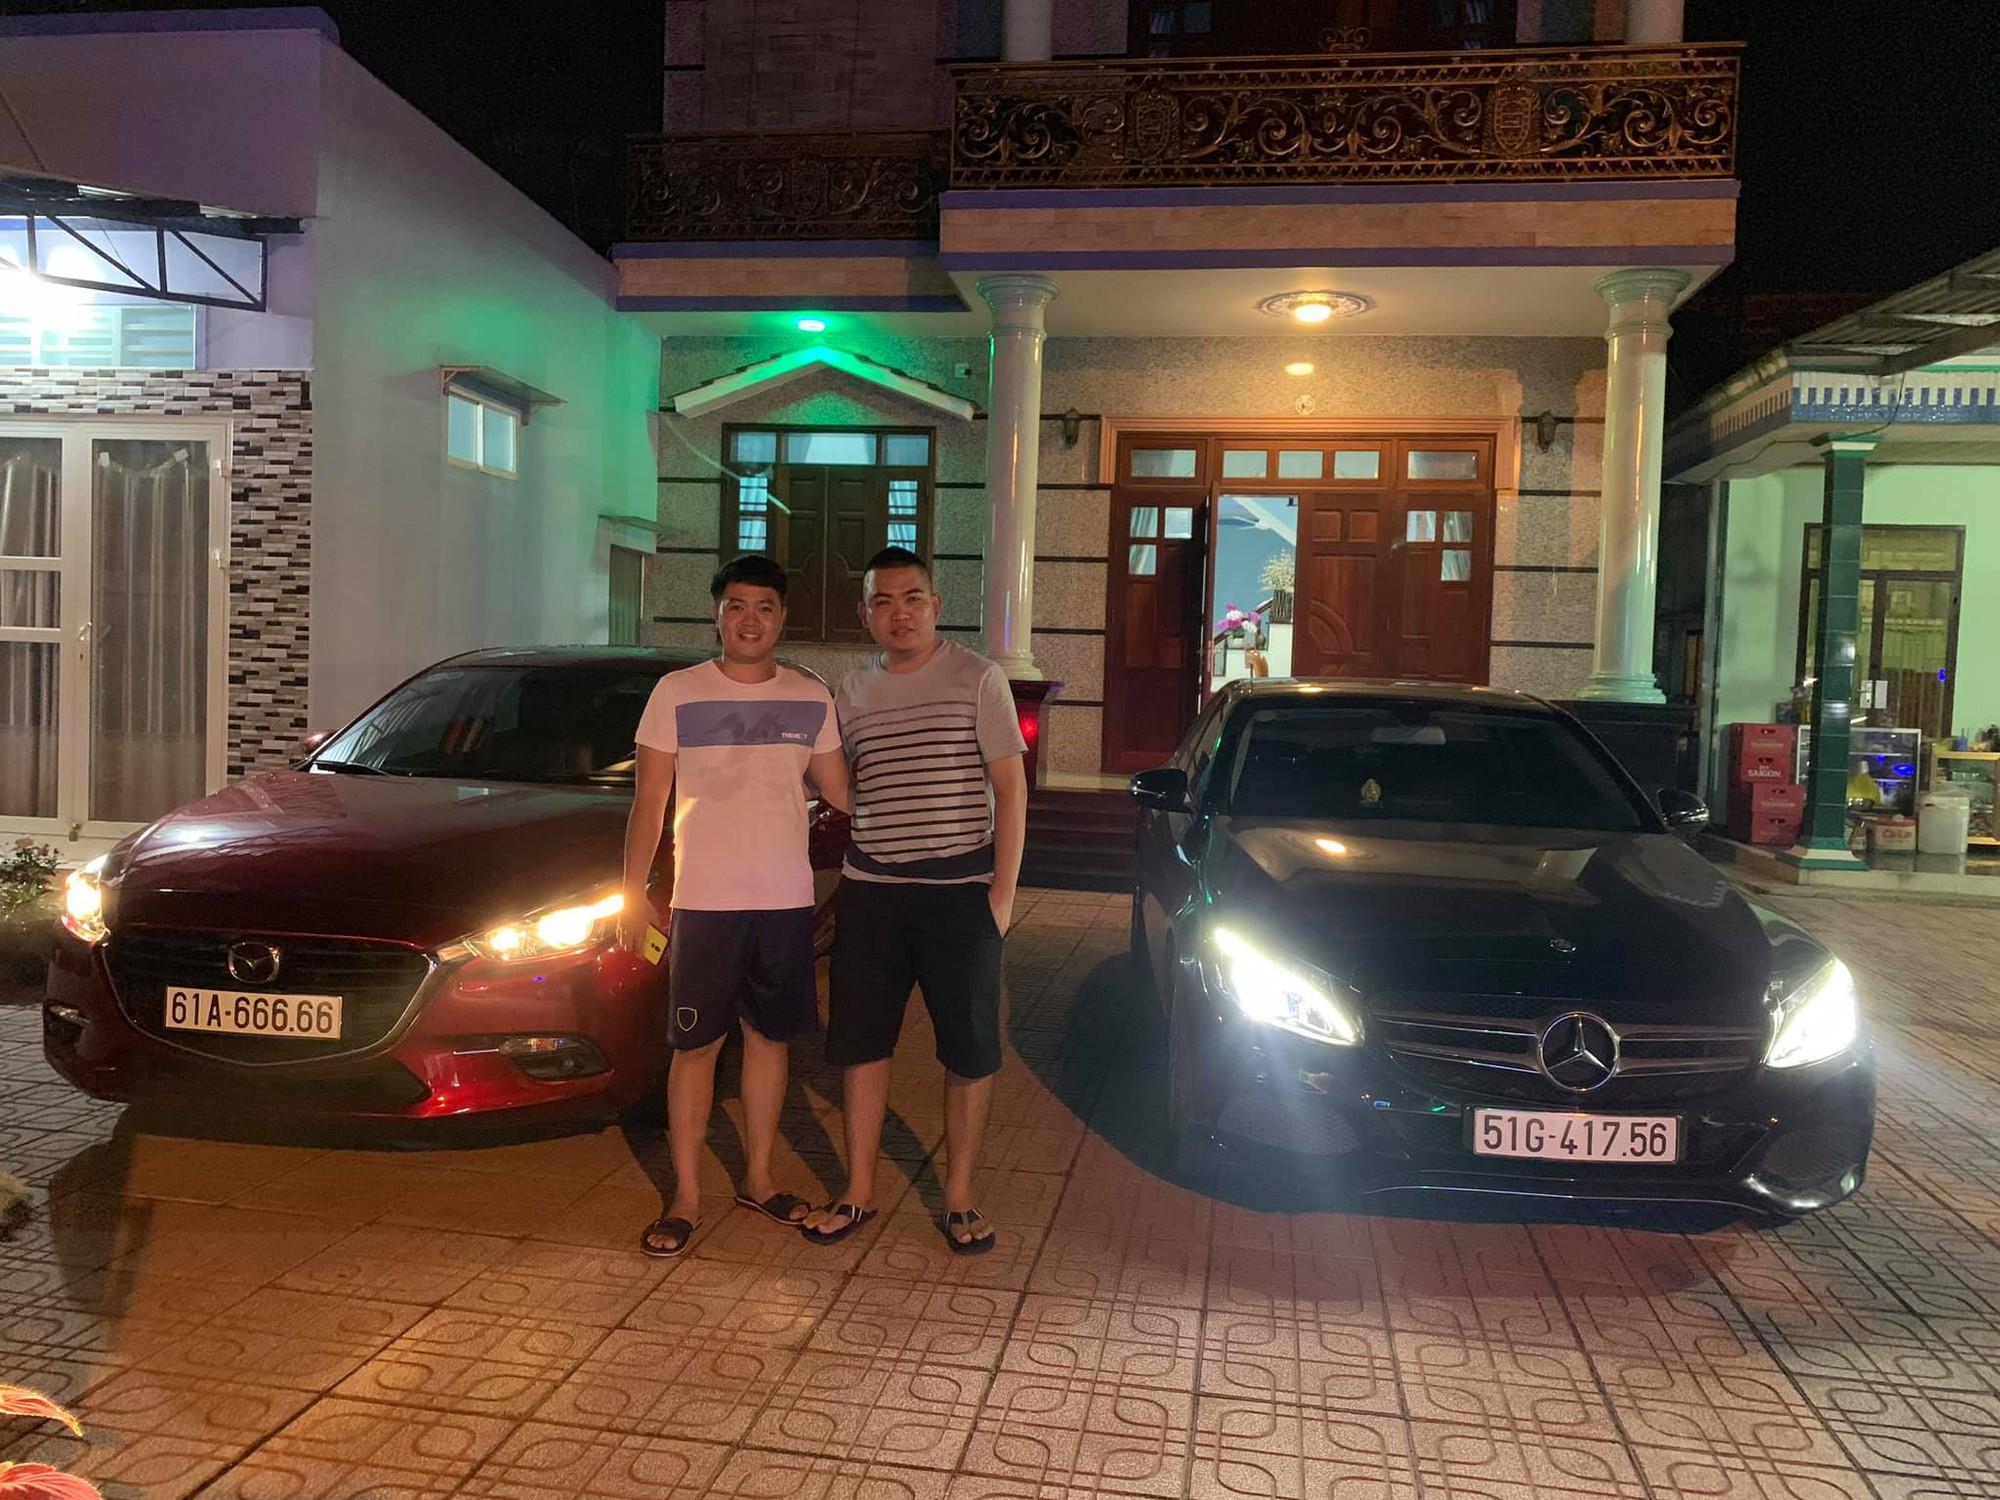 Chiếc xe Mazda 3 BKS 61A- 666.66 đã bán với giá 2 tỉ đồng? - Ảnh 2.